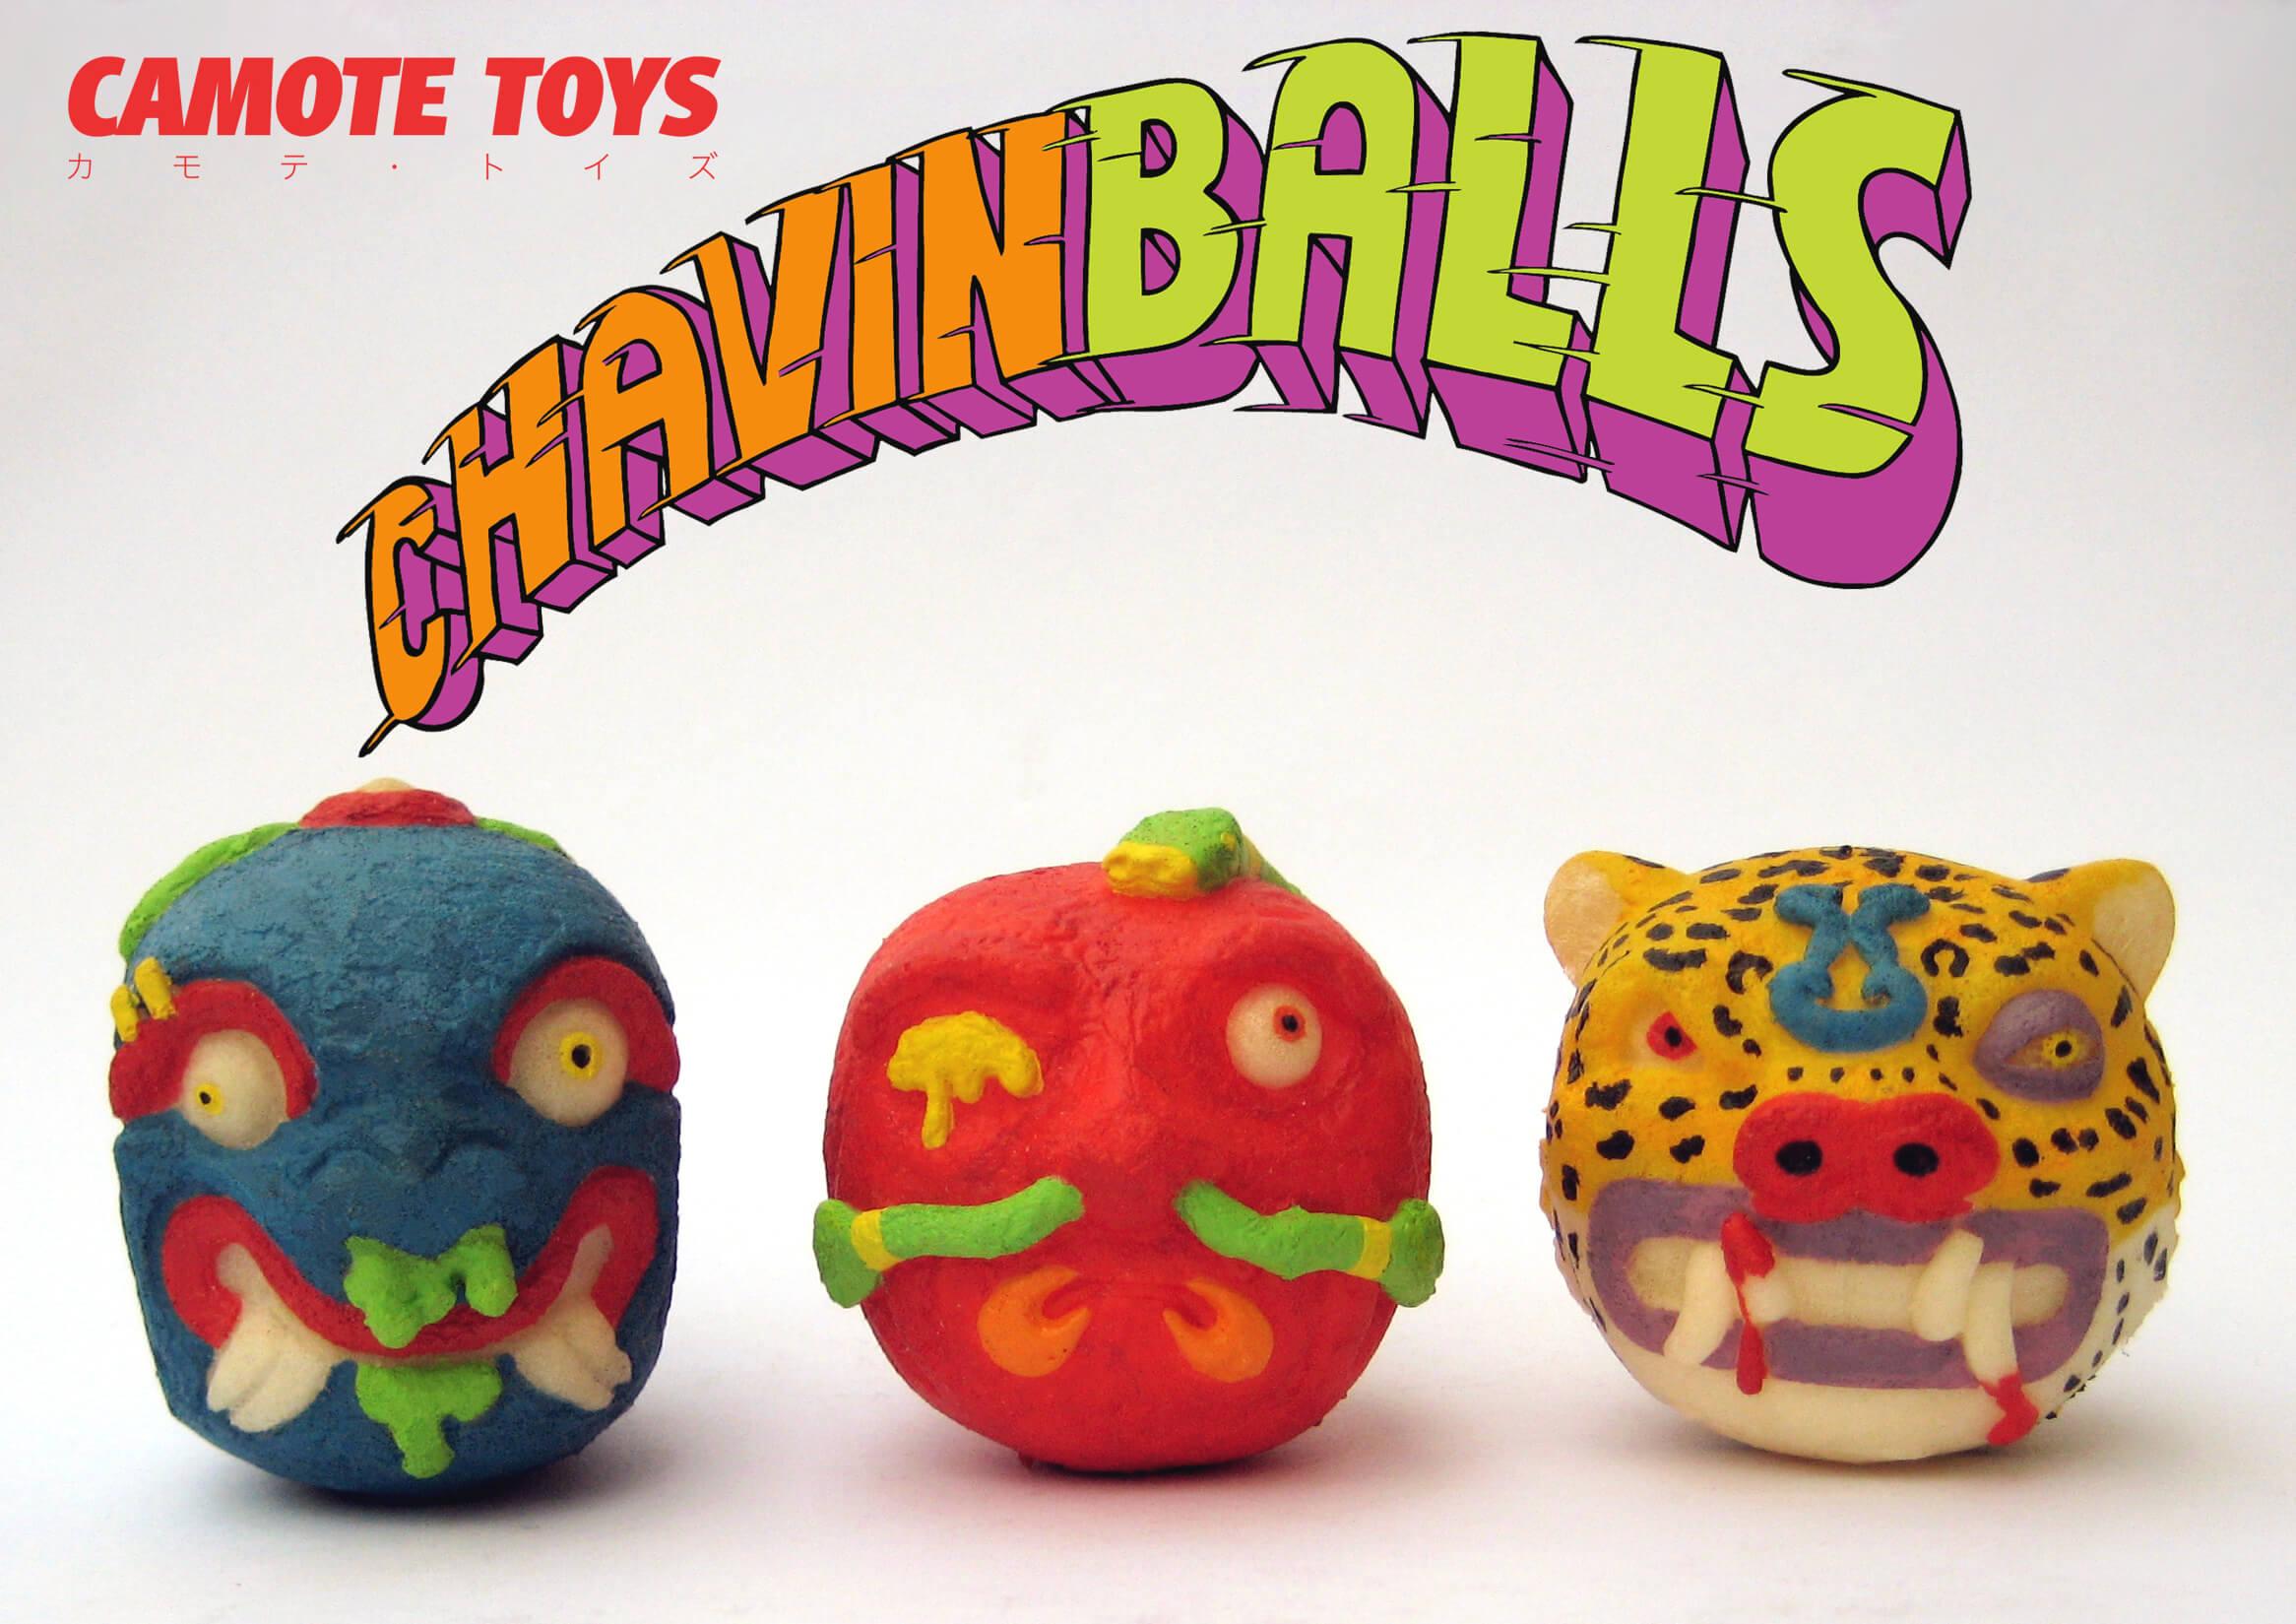 Chavinballs Madballs Camote Toys